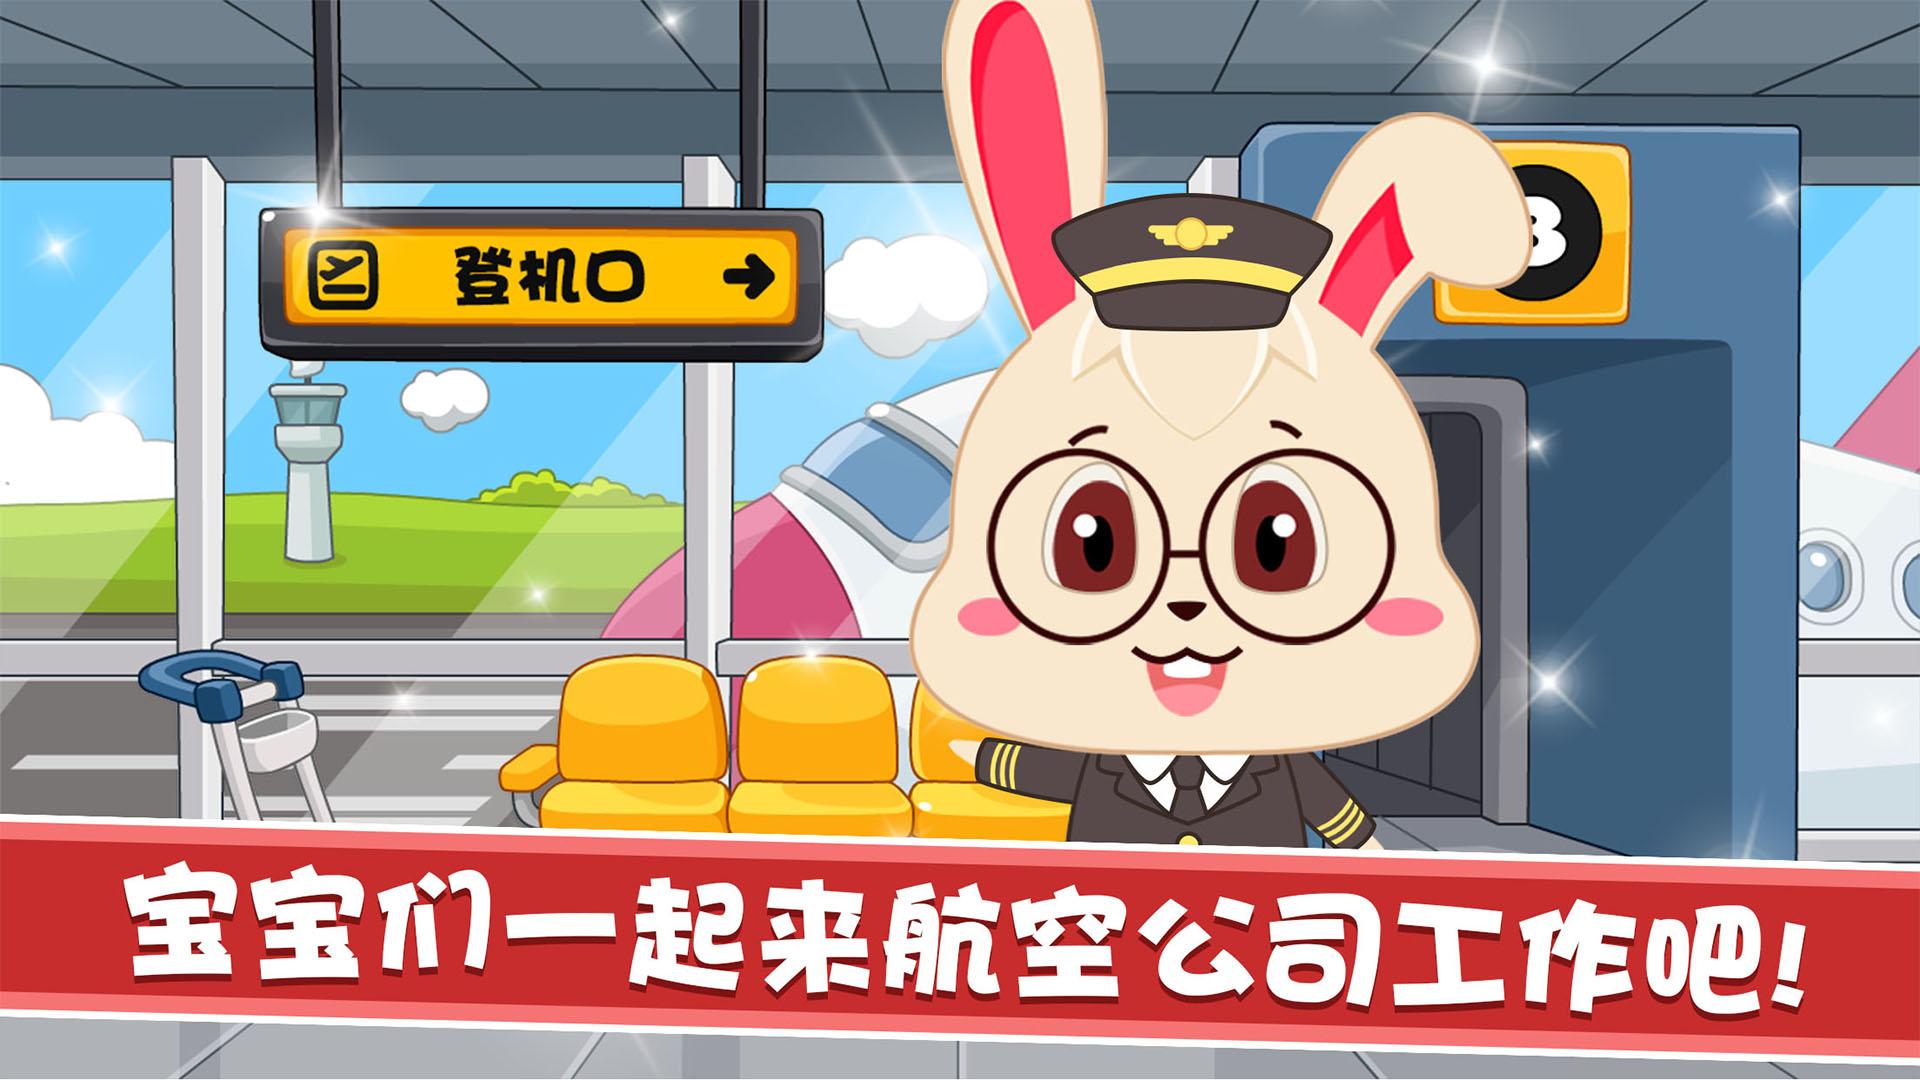 宝宝航空公司